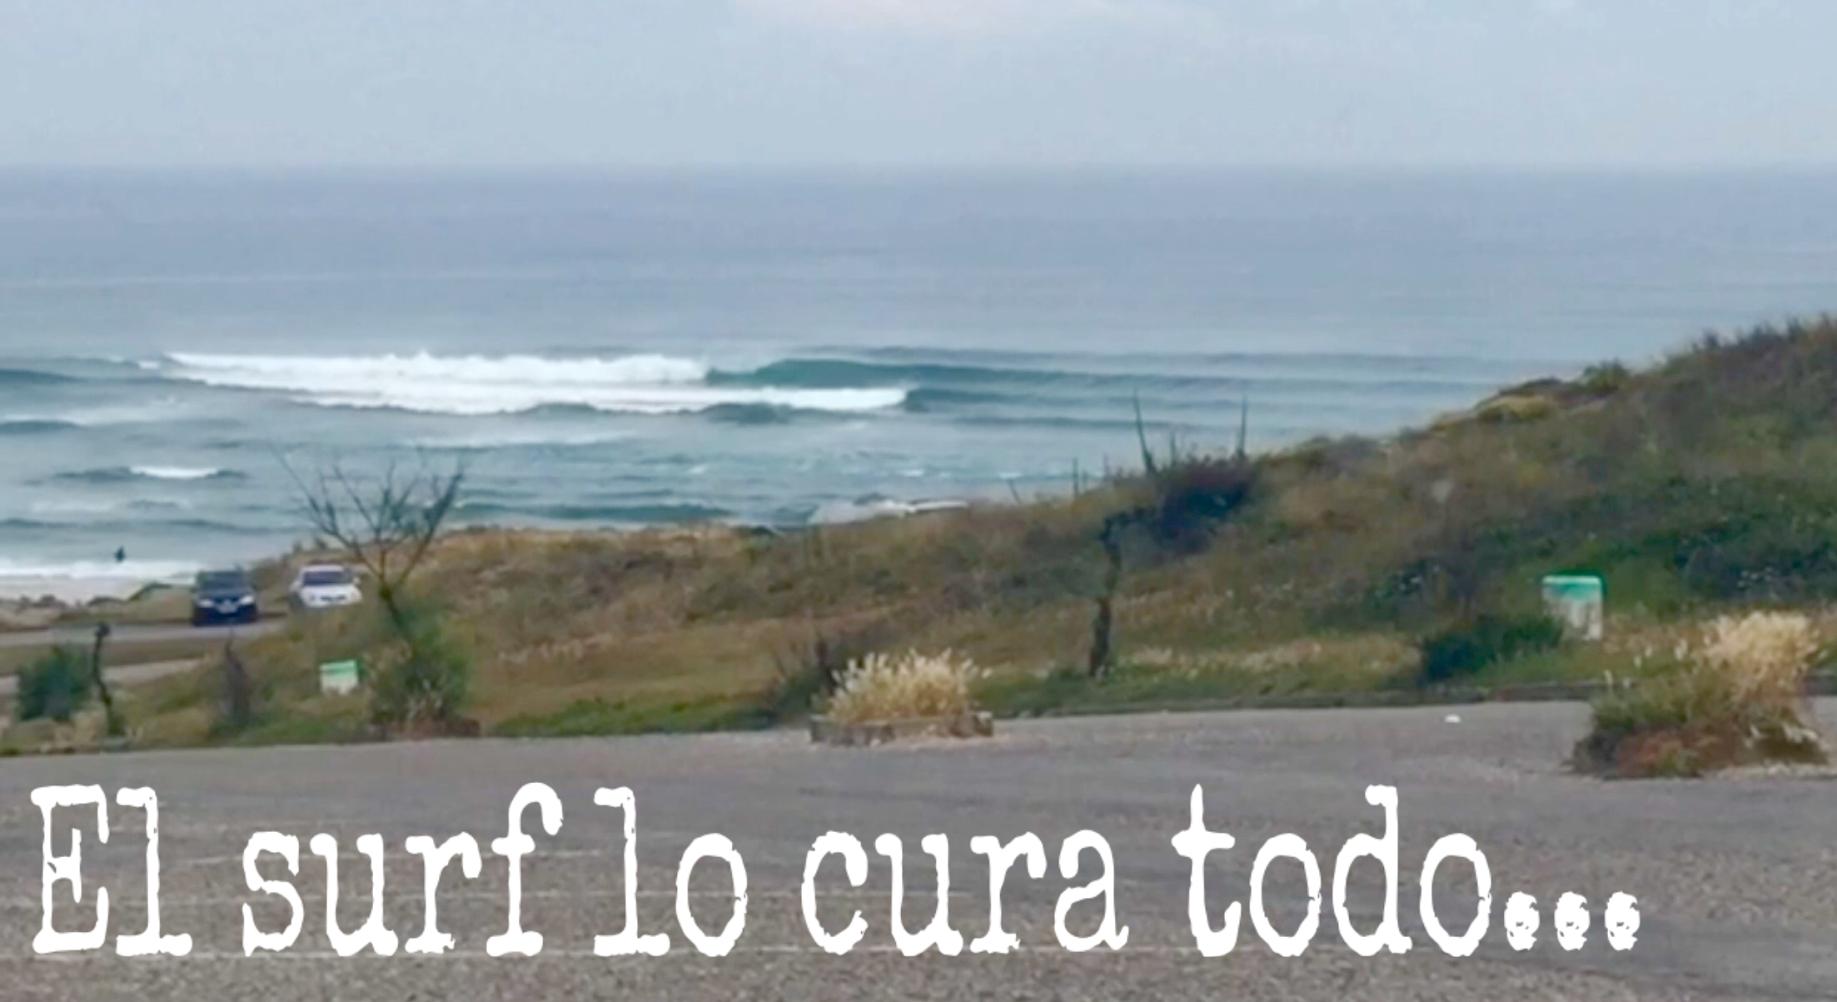 el-surf-lo-cura-todo